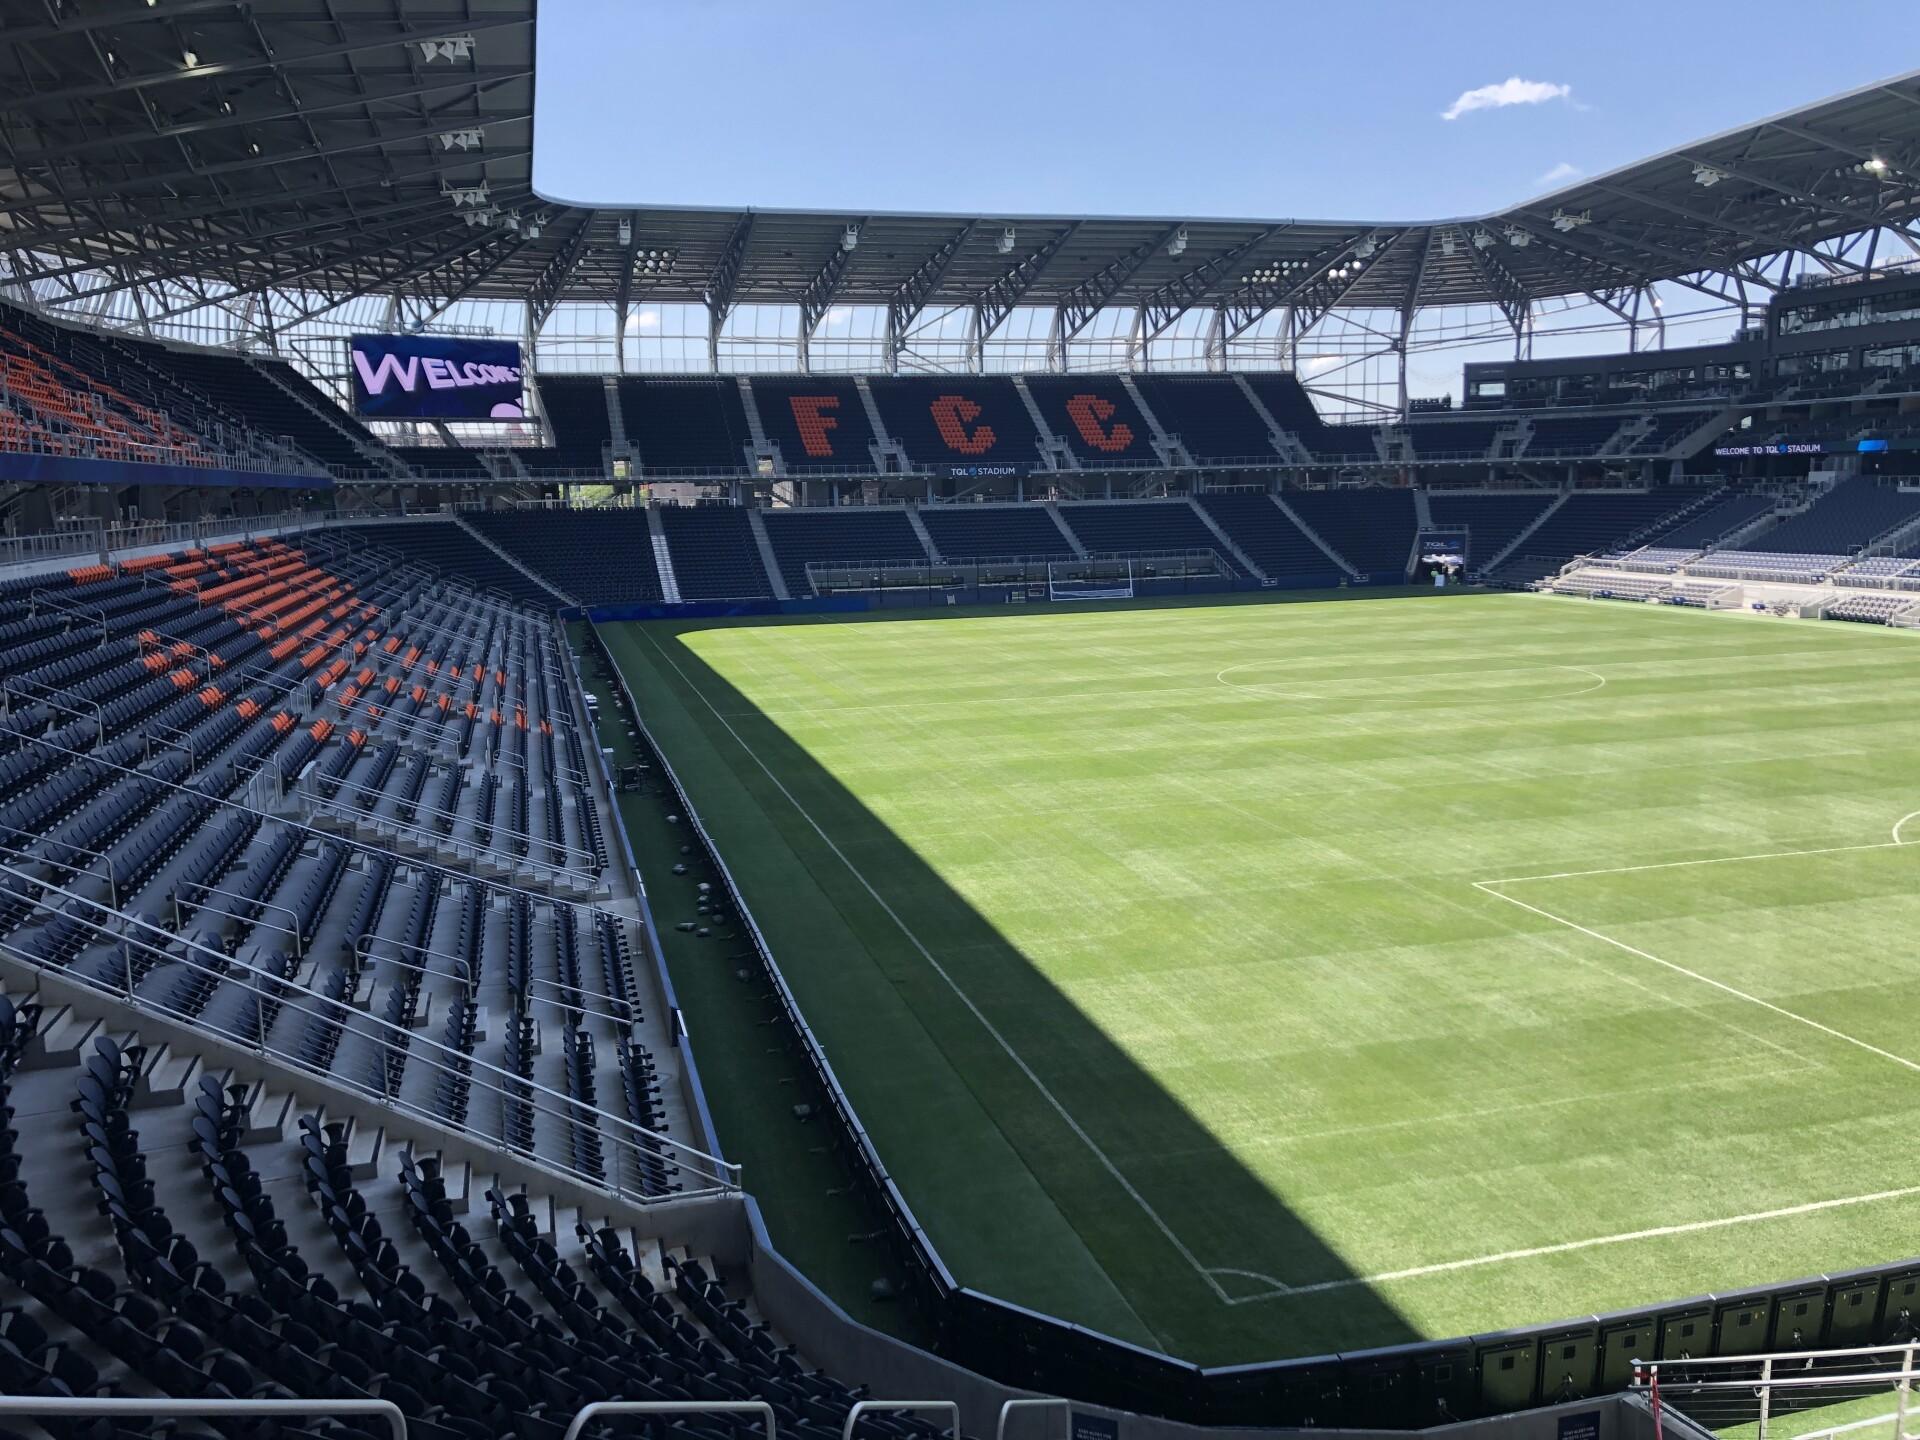 fcc-tql-stadium-6.jpg